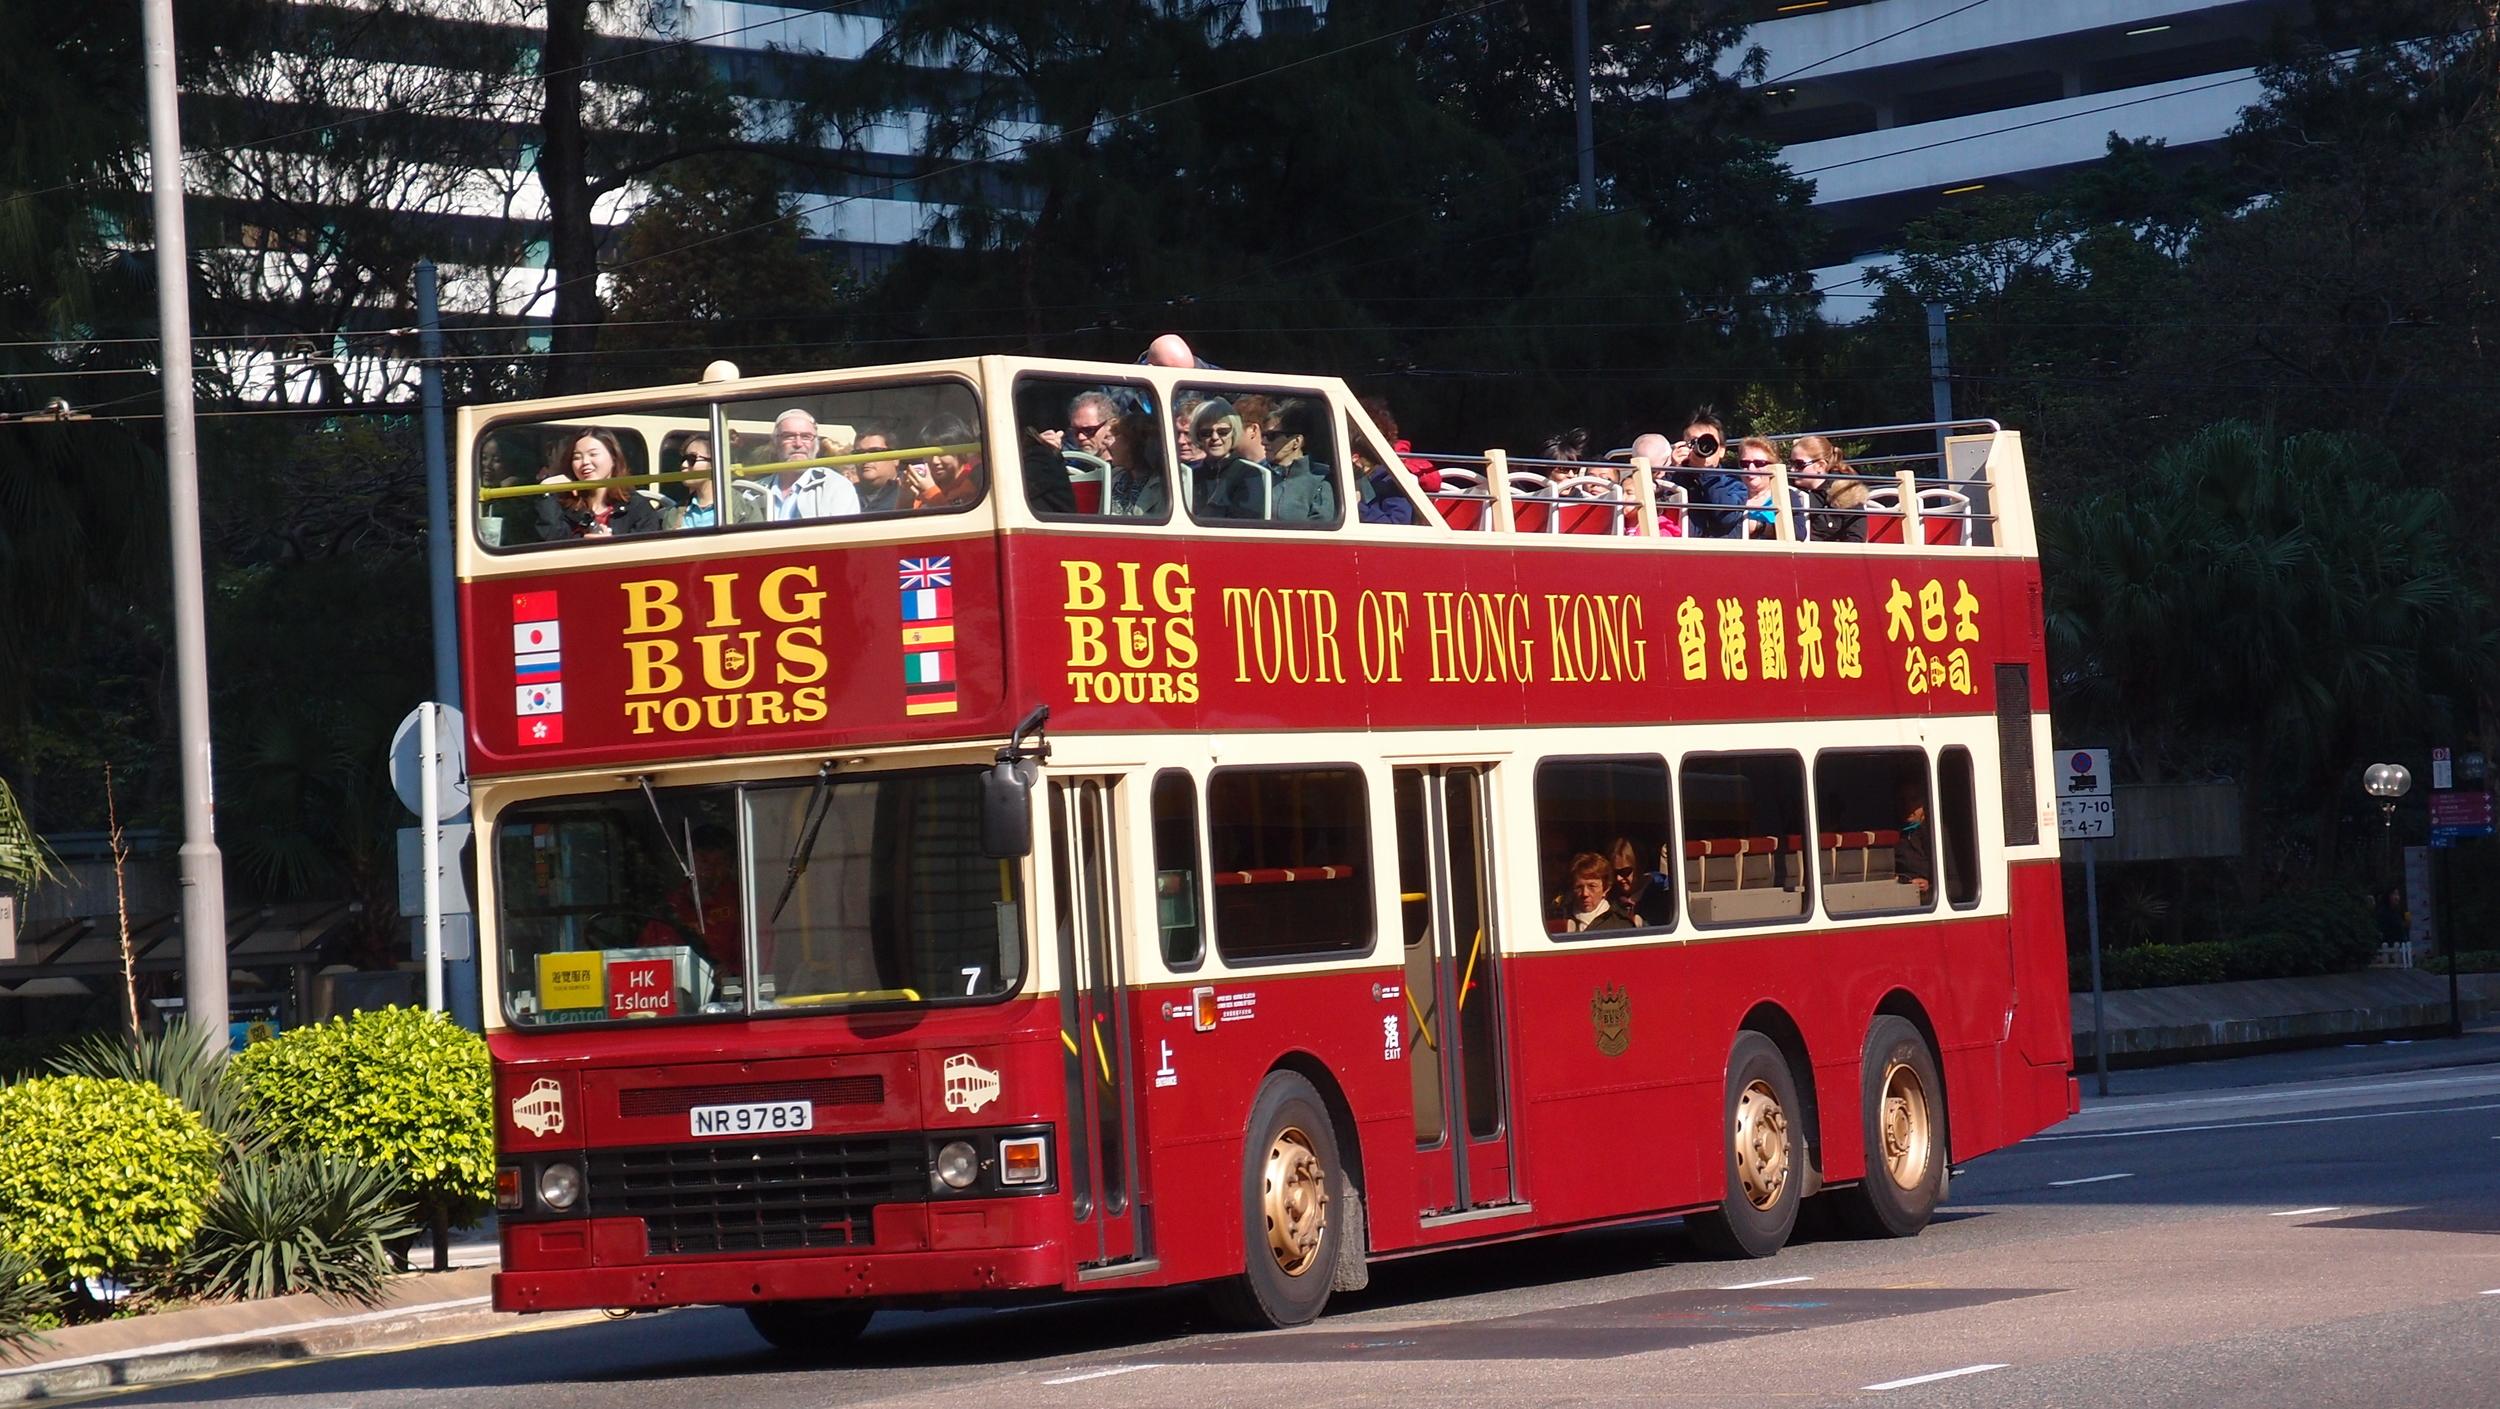 Not a bad way to see Hong Kong